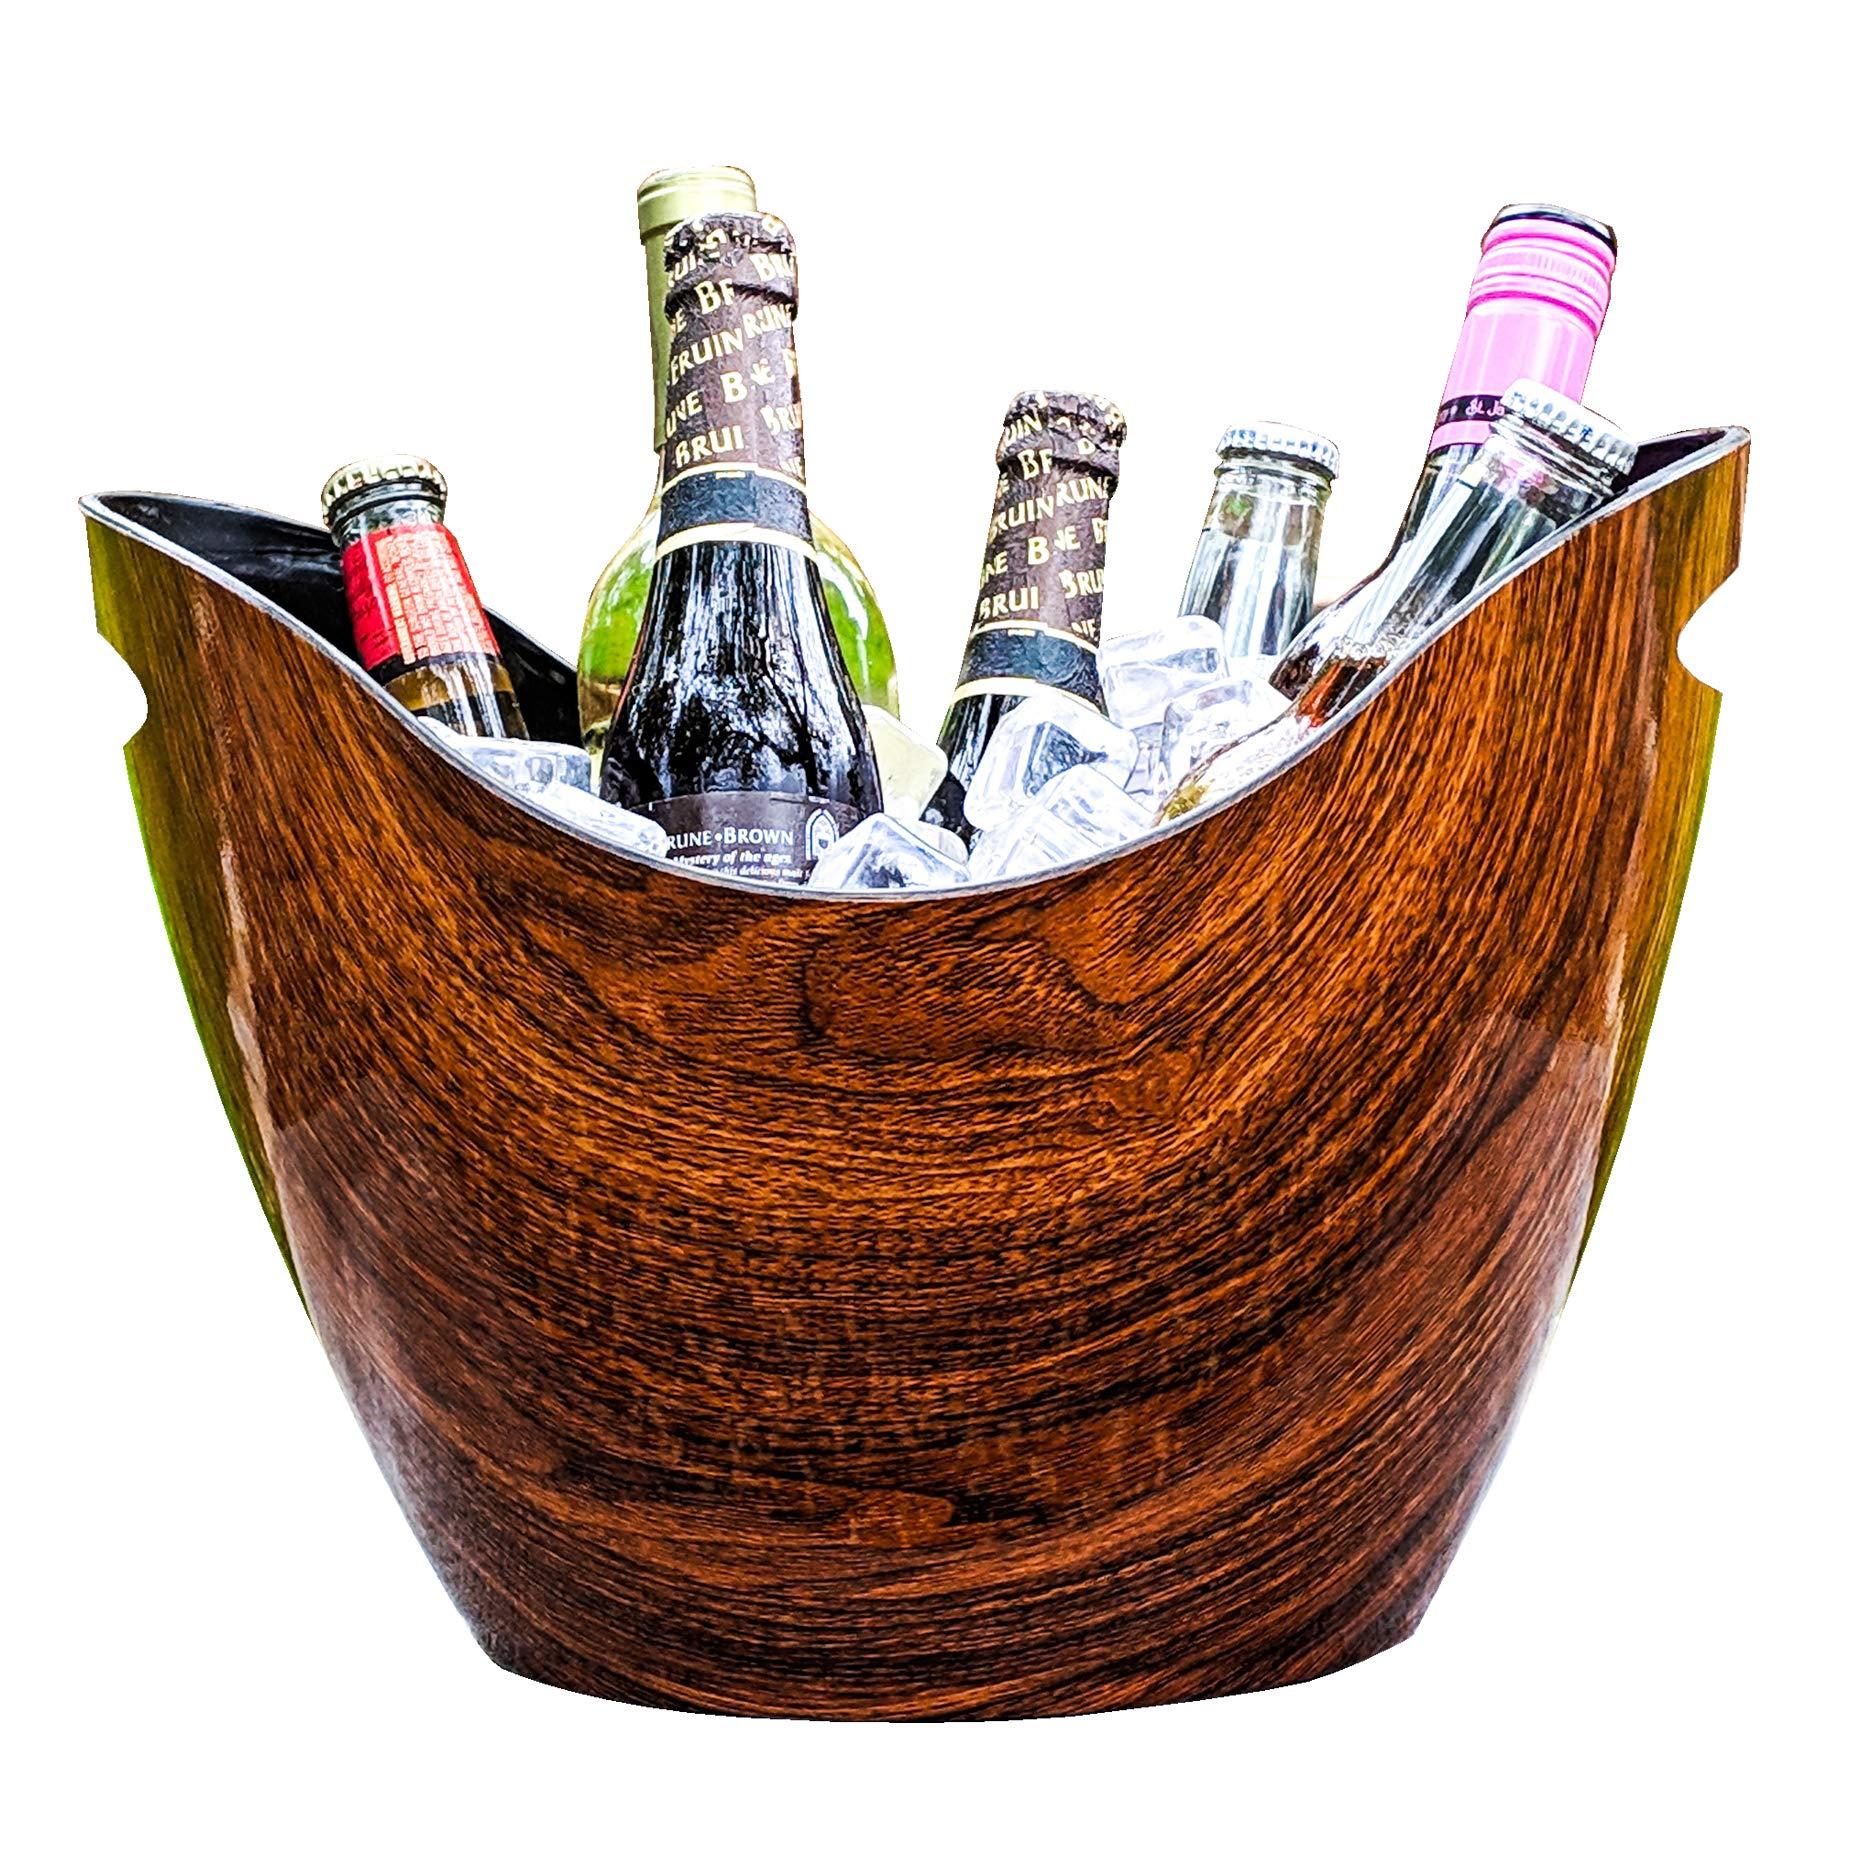 BREKX Vibrant Rich Cherry-Oak Wood Curved Beverage Tub & Premium Wine Chiller - 8 Quarts by BREKX